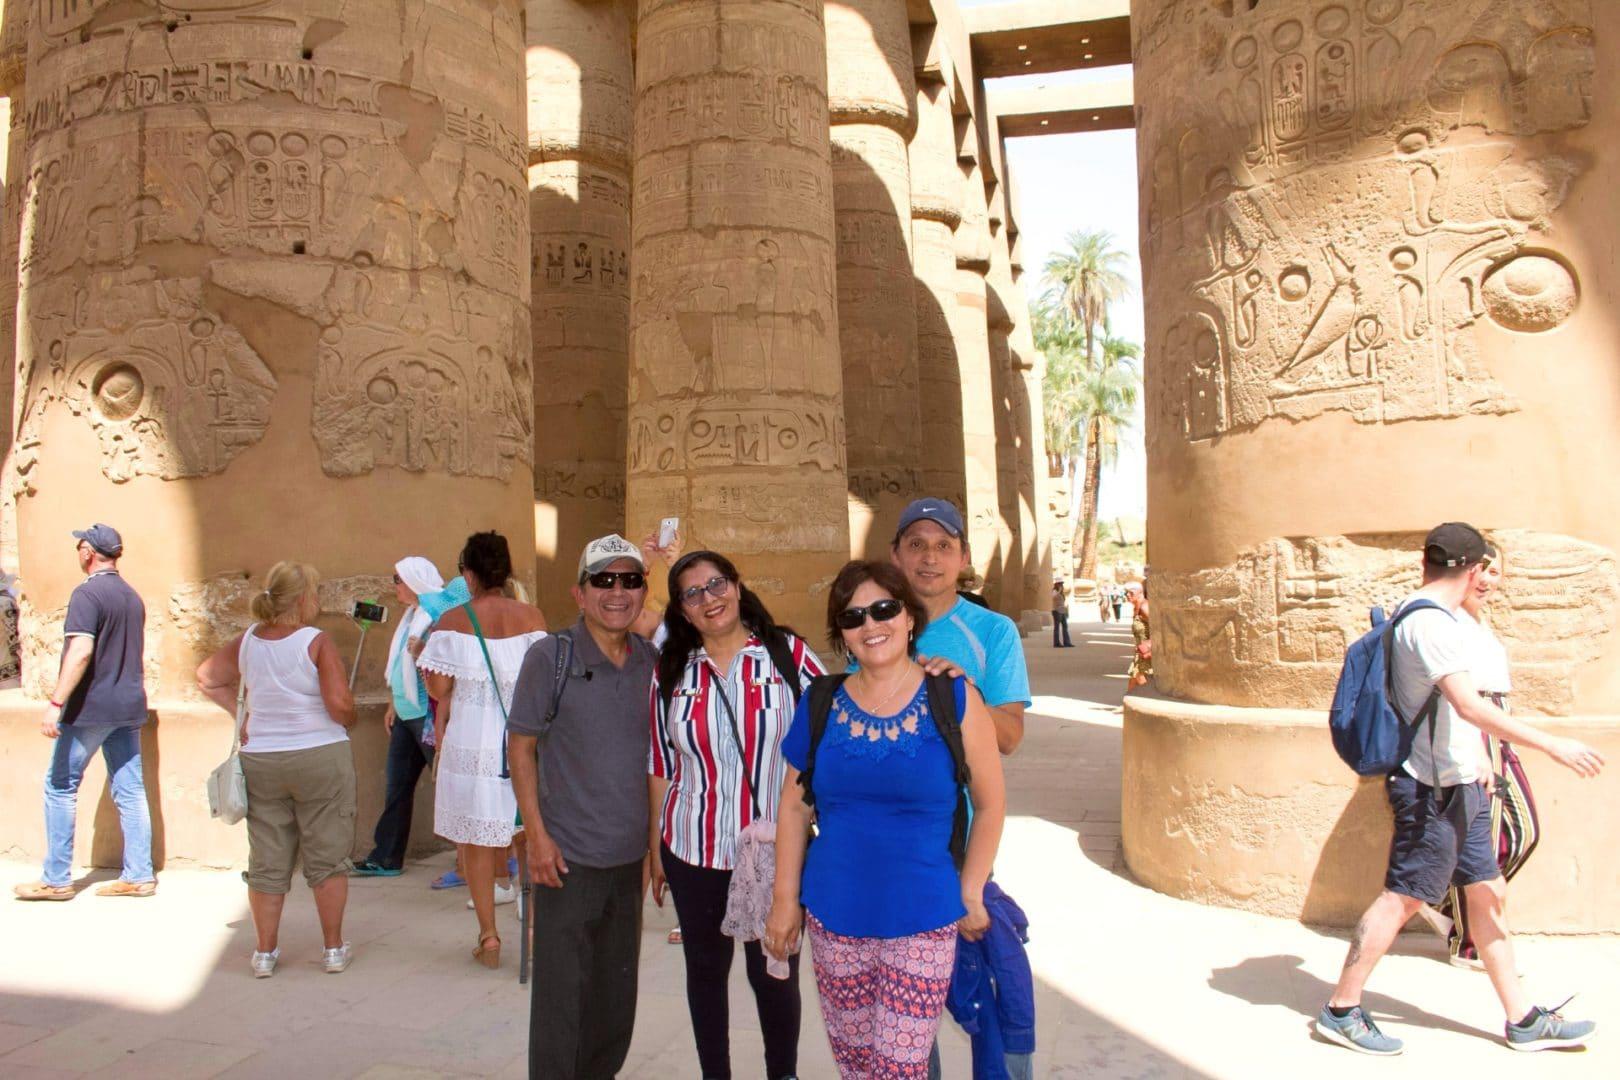 Croisière luxe Egypte | Le professionnalisme de M. Amro et tous les guides (Mohamed au sud et Ali au Caire), les conducteurs